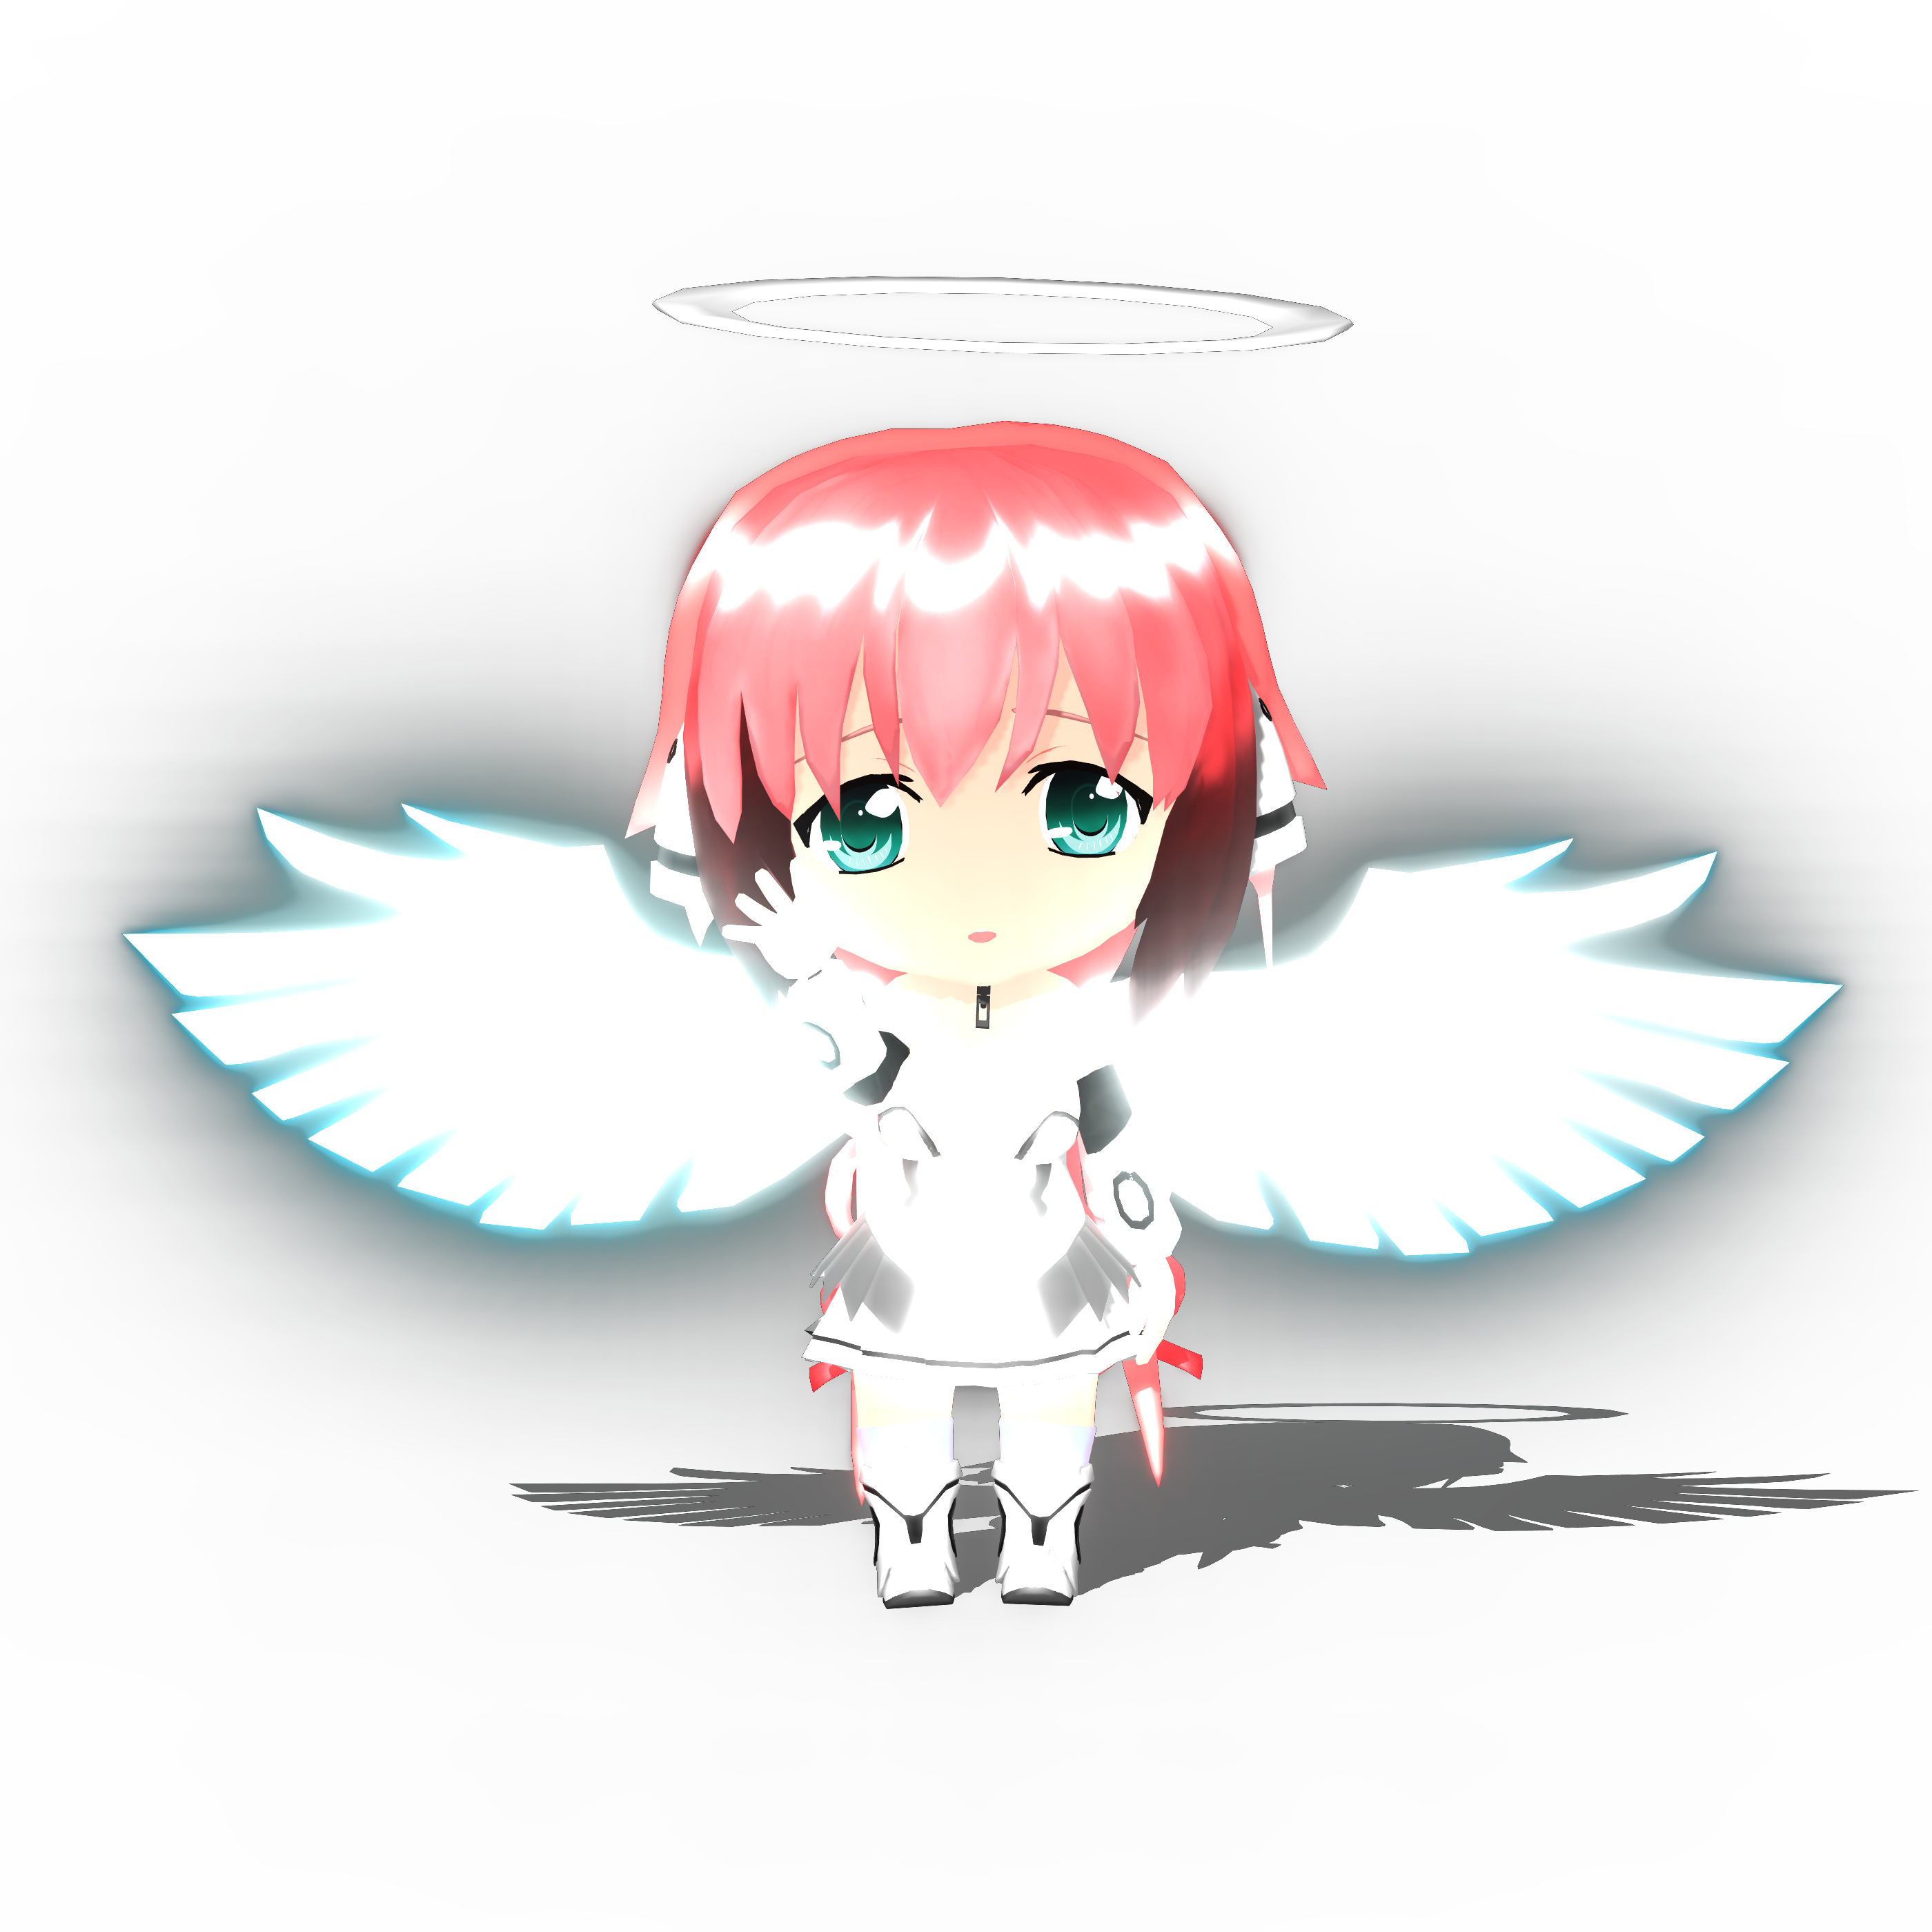 .: DL Series :. Nendoroid Style Icarus by Duekko